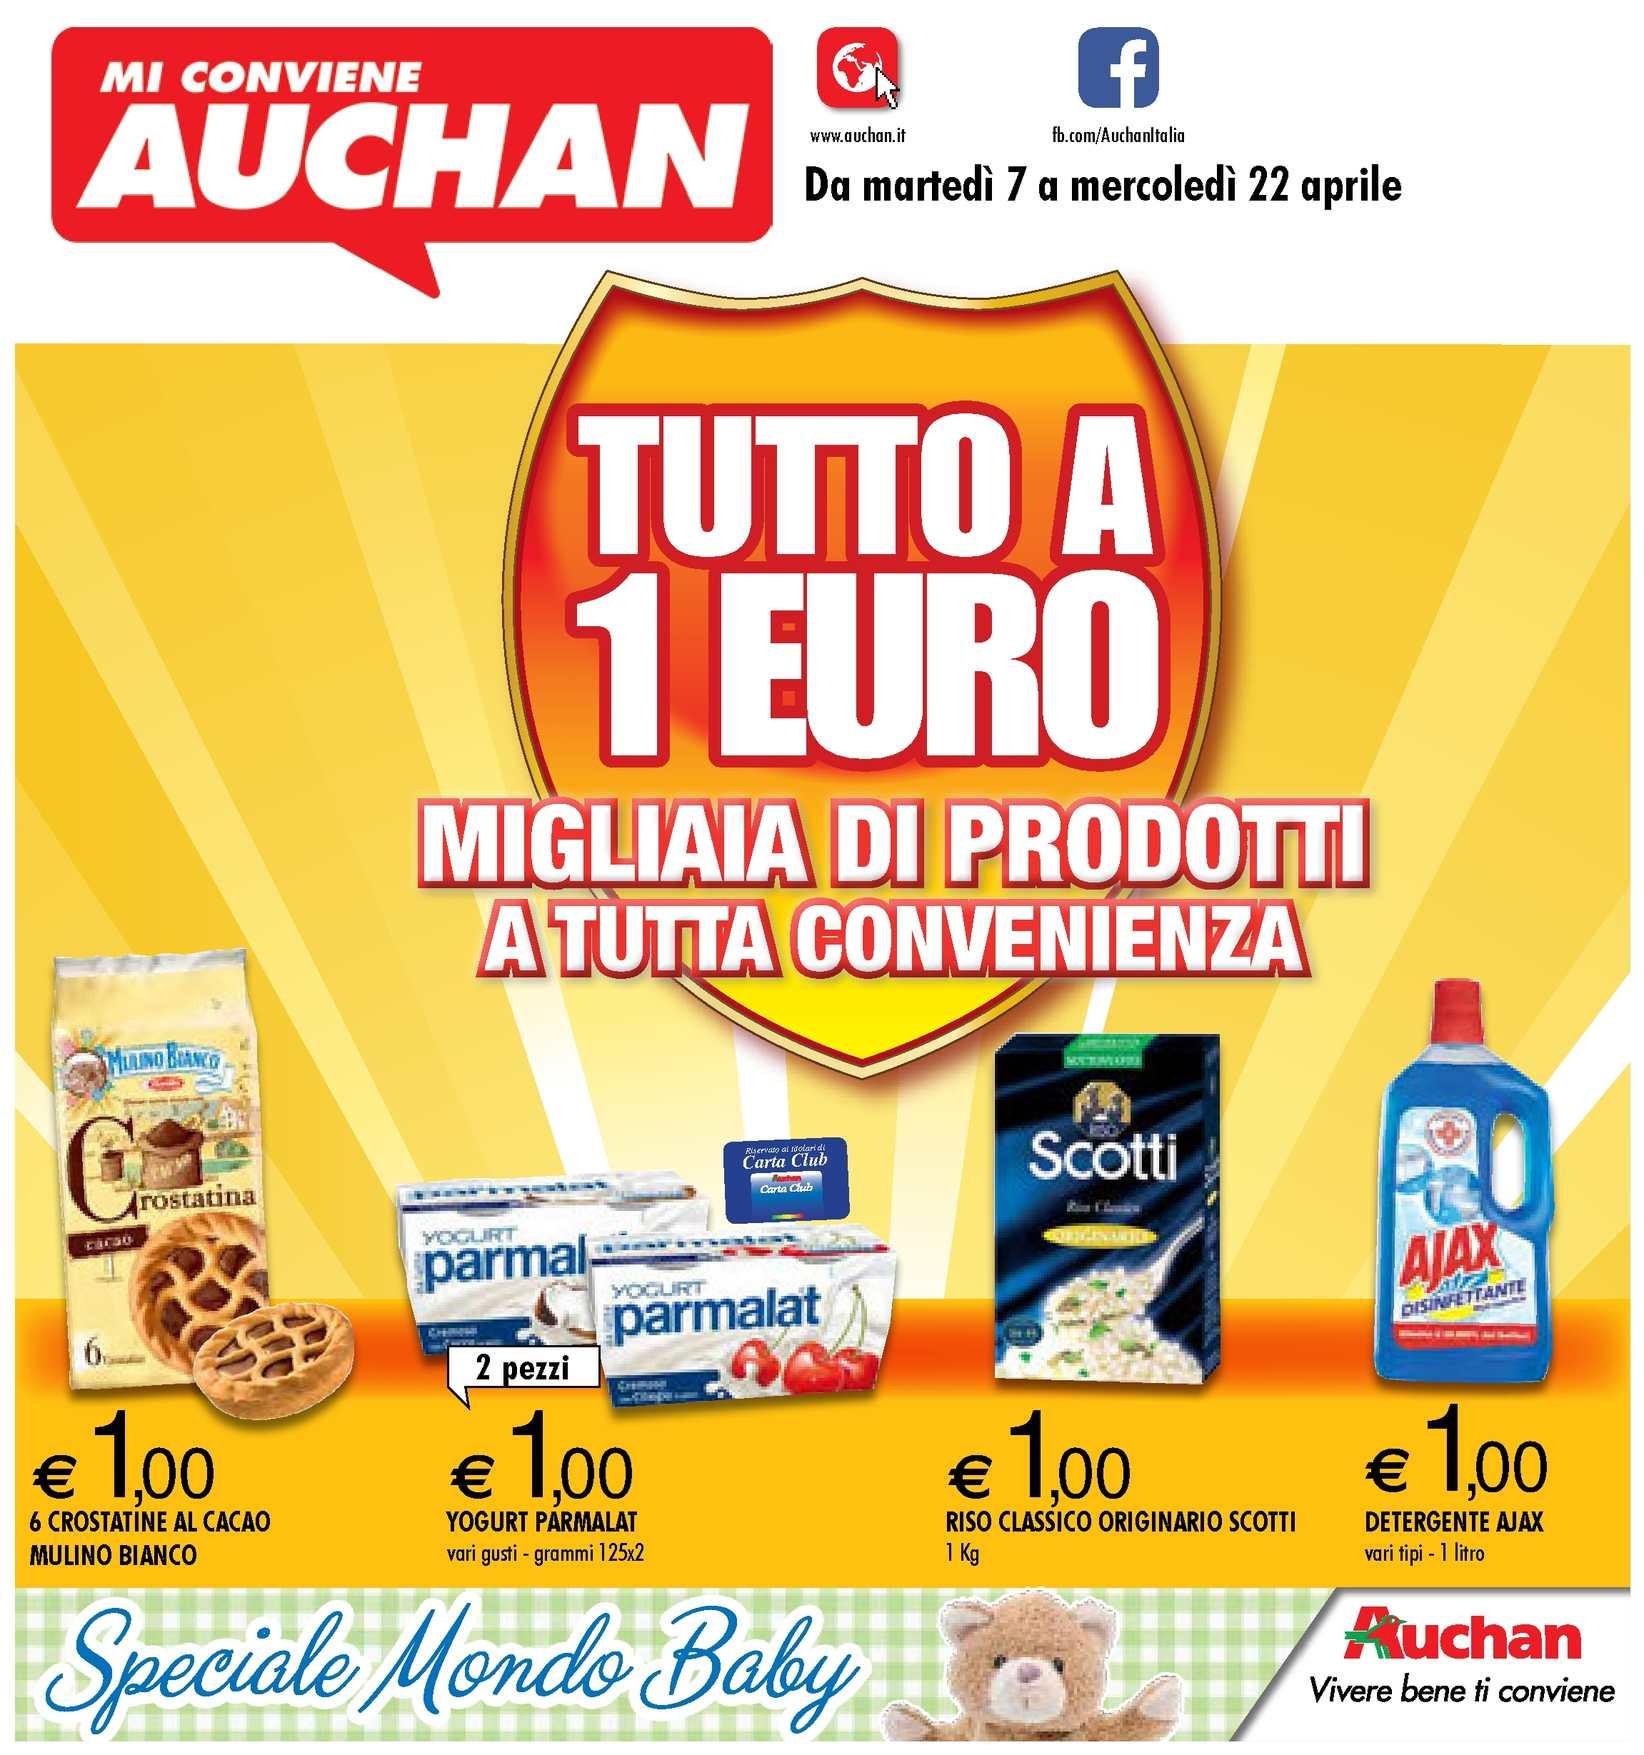 Cameretta A Ponte Auchan.Calameo Volantino Auchan Calabria Dal 7 Al 22 Aprile